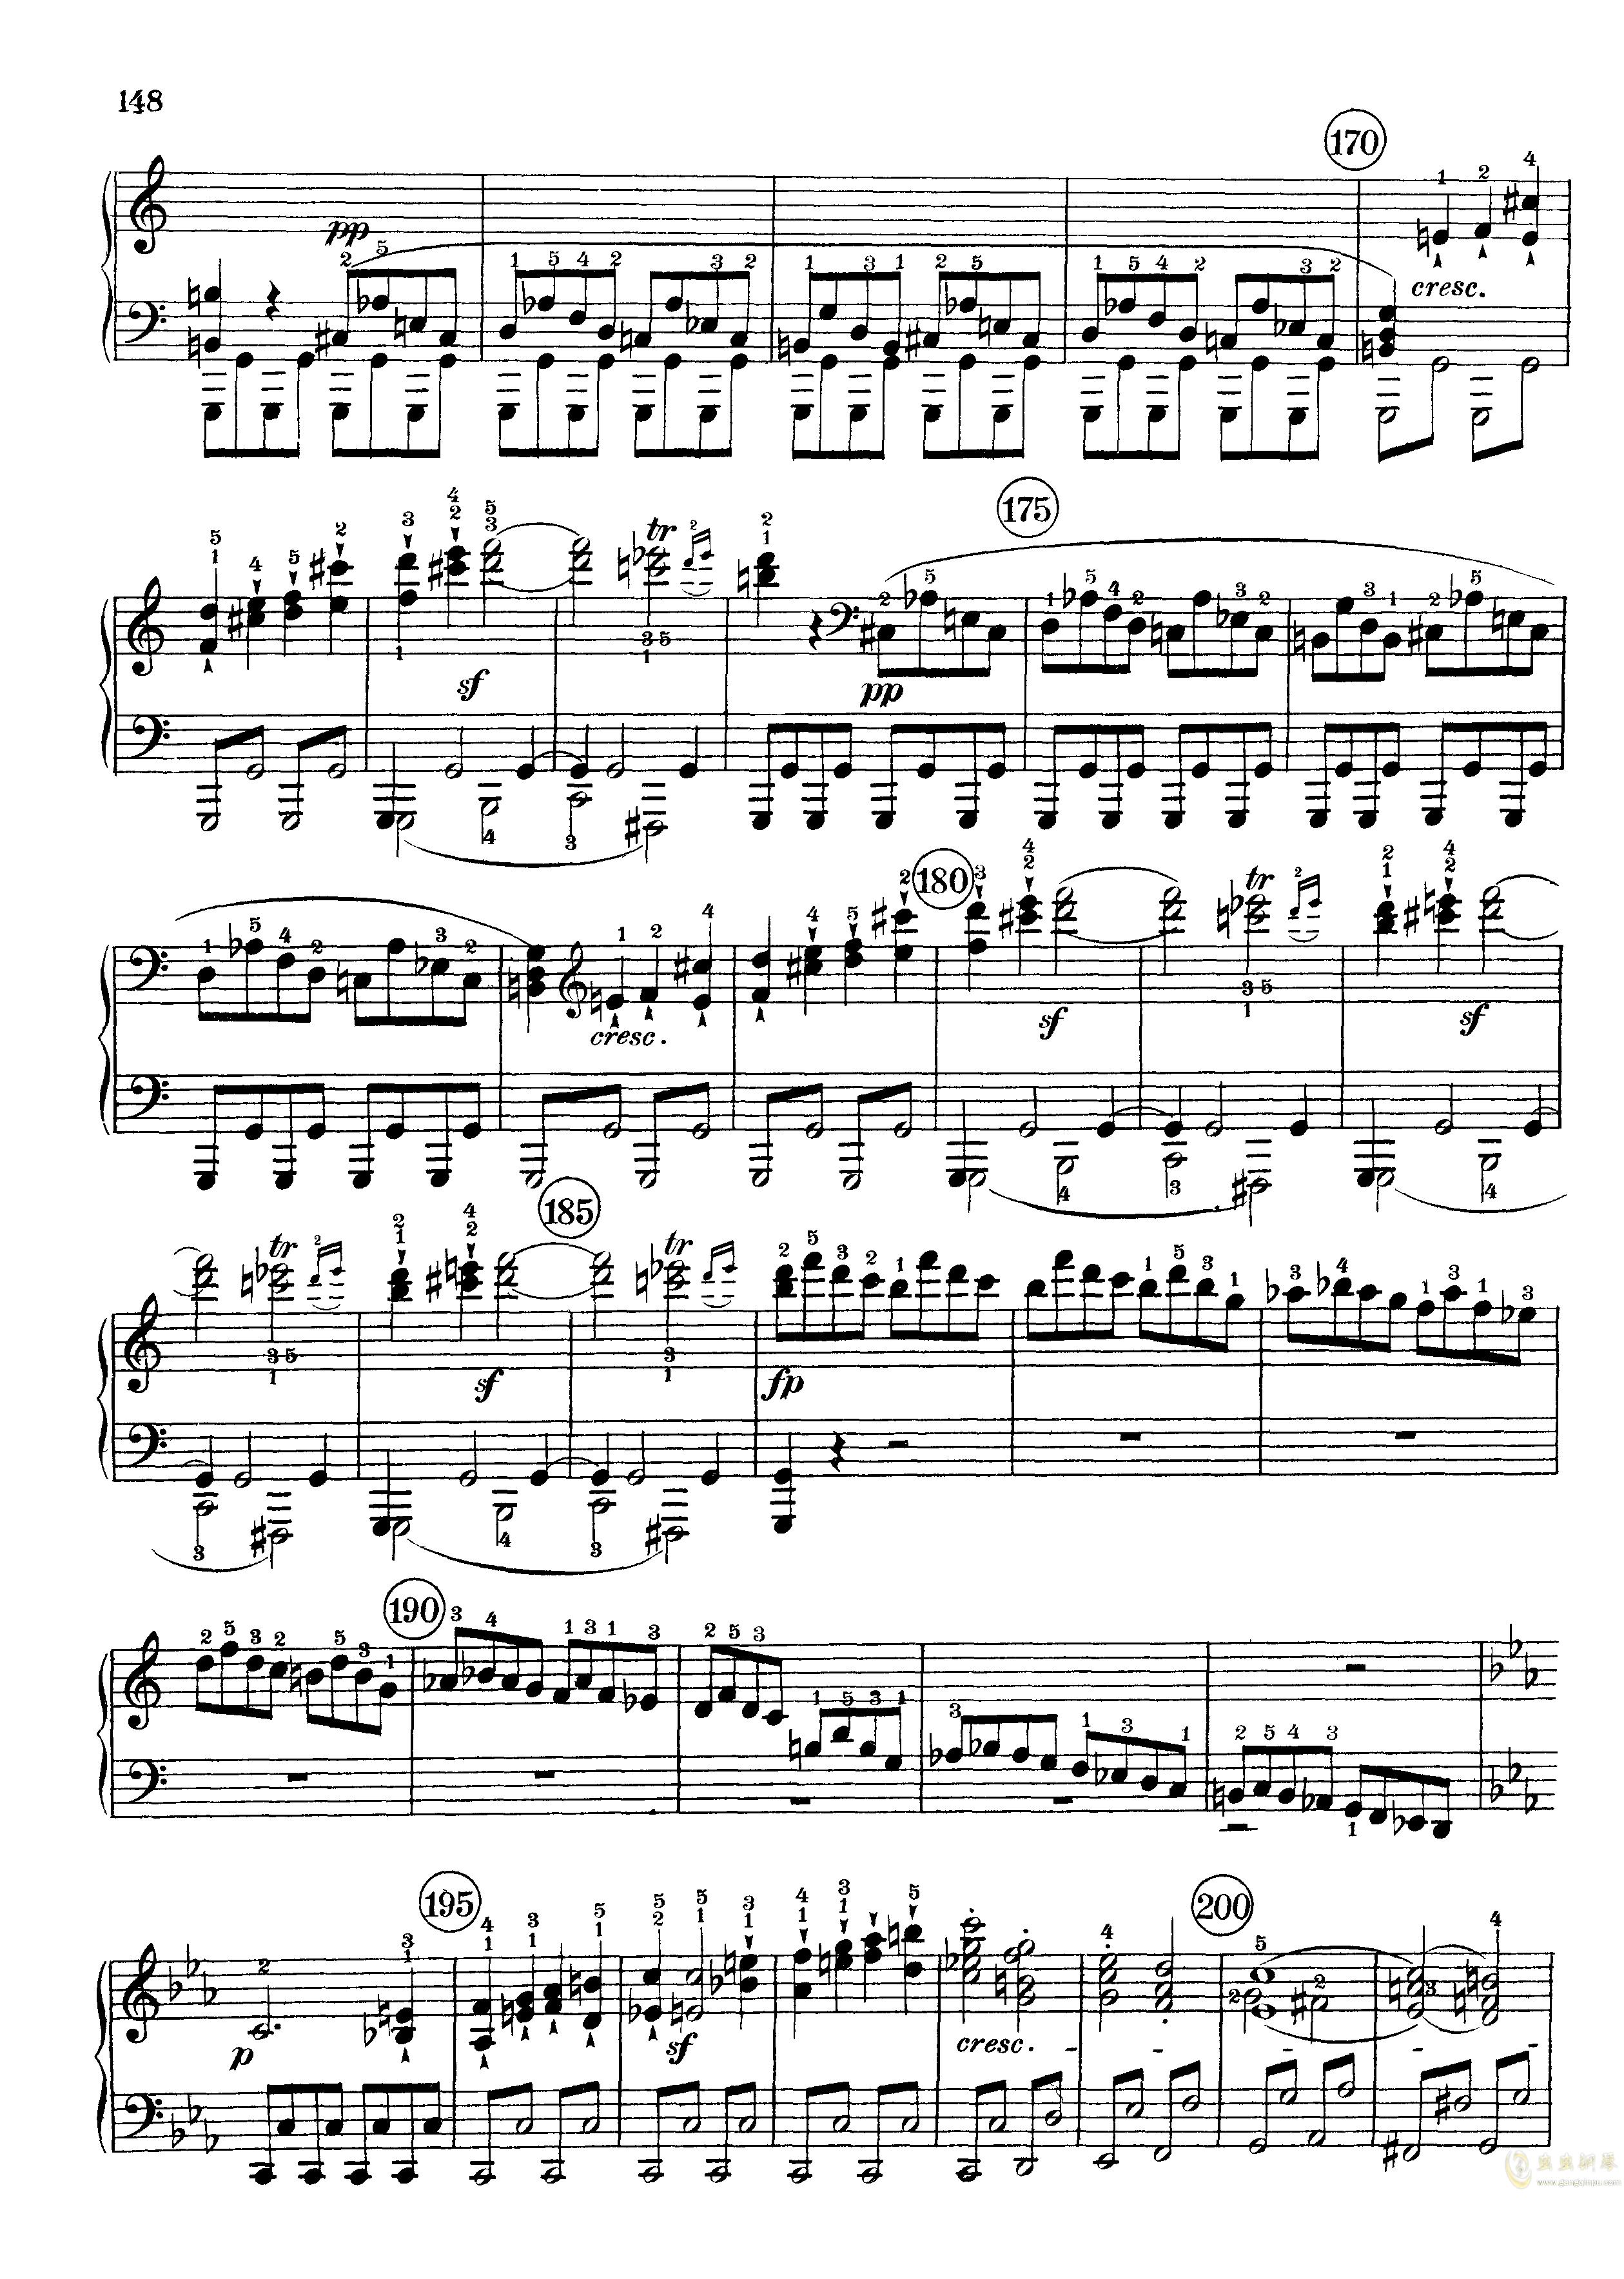 c小调第八号钢琴奏鸣曲钢琴谱 第6页